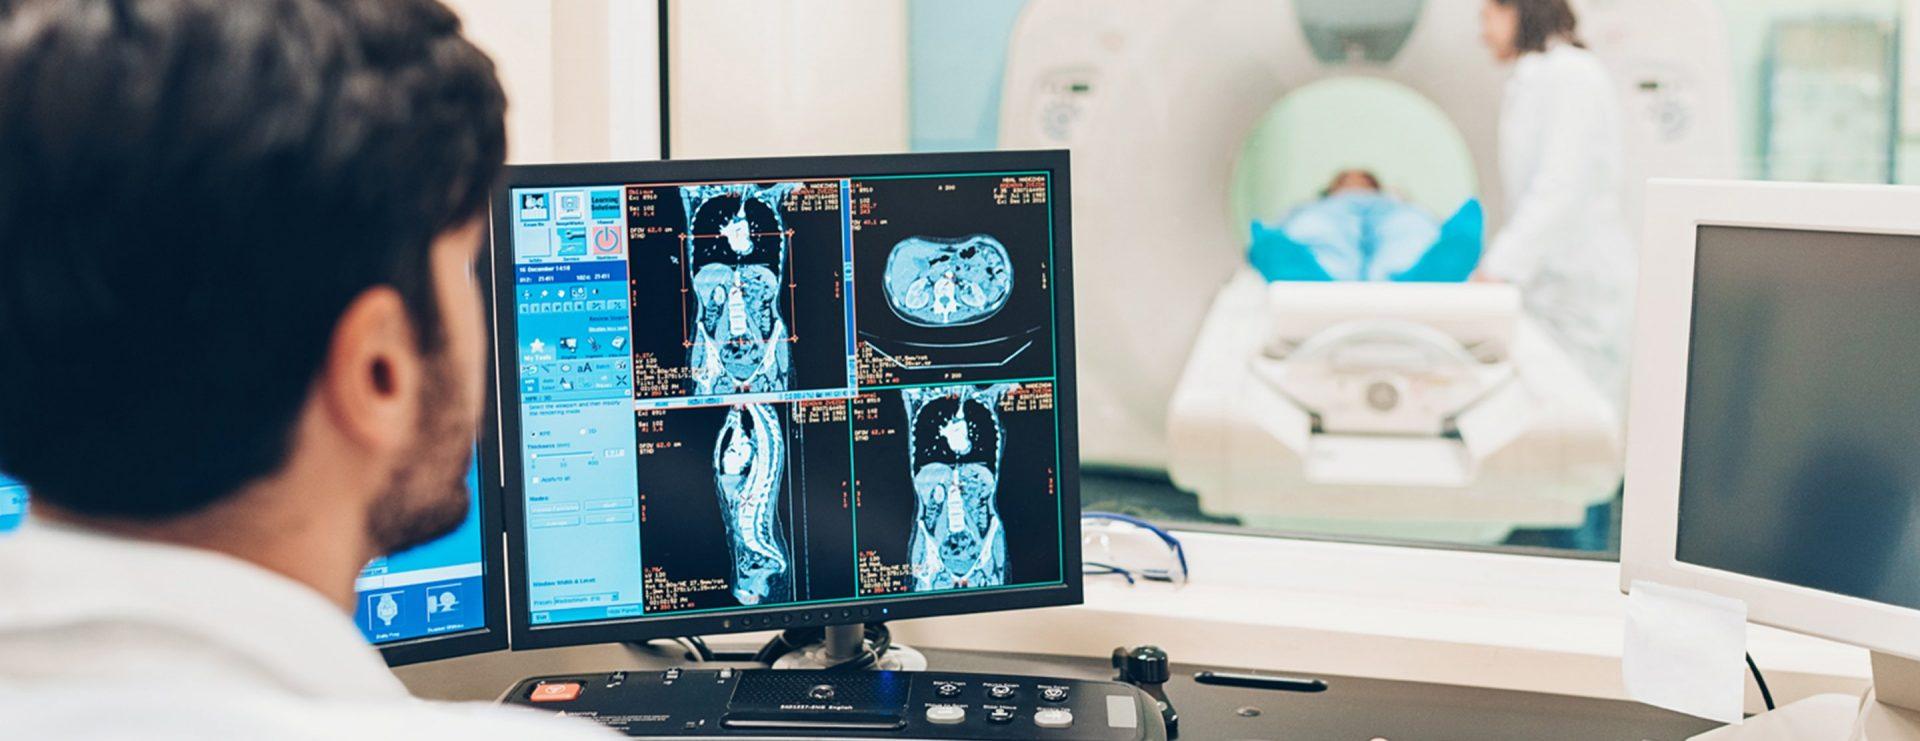 Investigațiile RMN nu sunt periculoase pentru persoanele vaccinate împotriva COVID